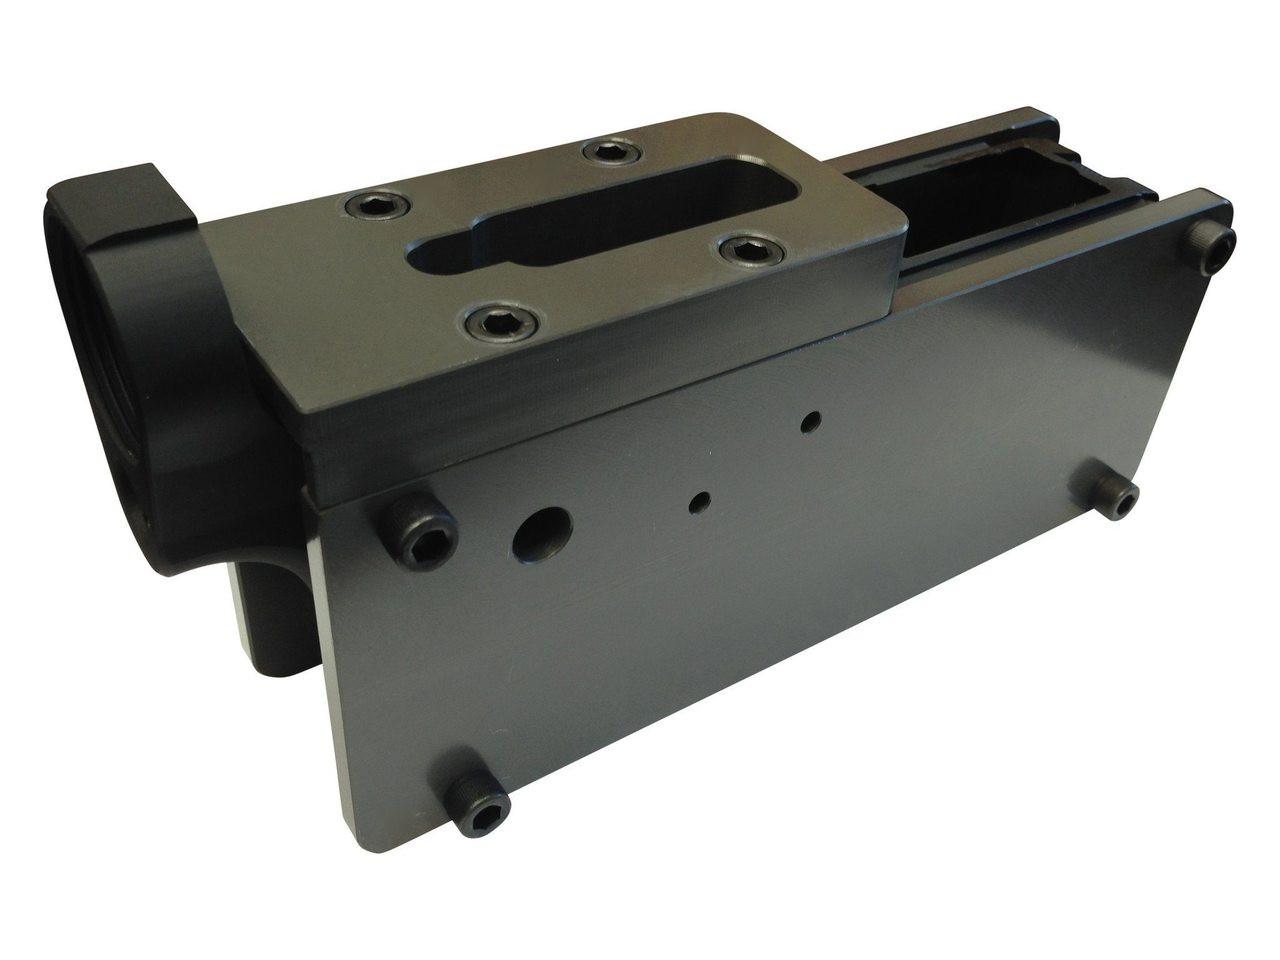 Universal Drill Press 80% AR-15 Jig